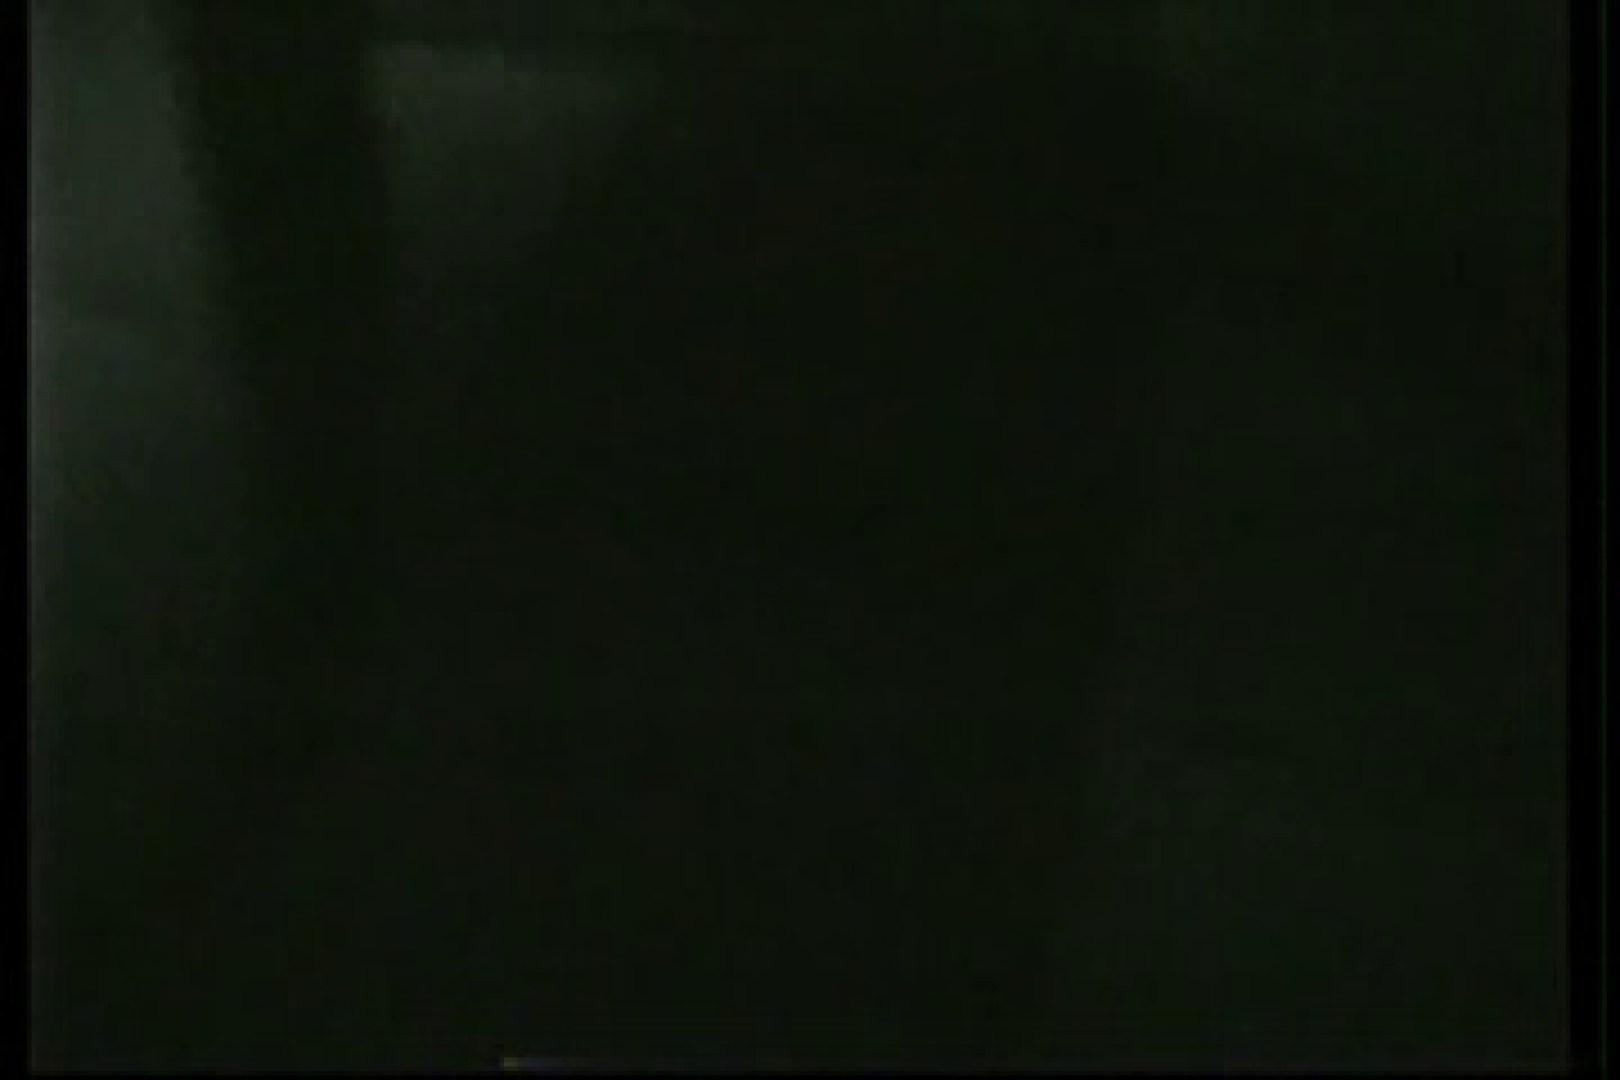 【実録個人撮影】男の子達の禁断の愛欲性活!!vol.02(対女性アナル責め) アナル責め ゲイ発射もろ画像 109枚 68